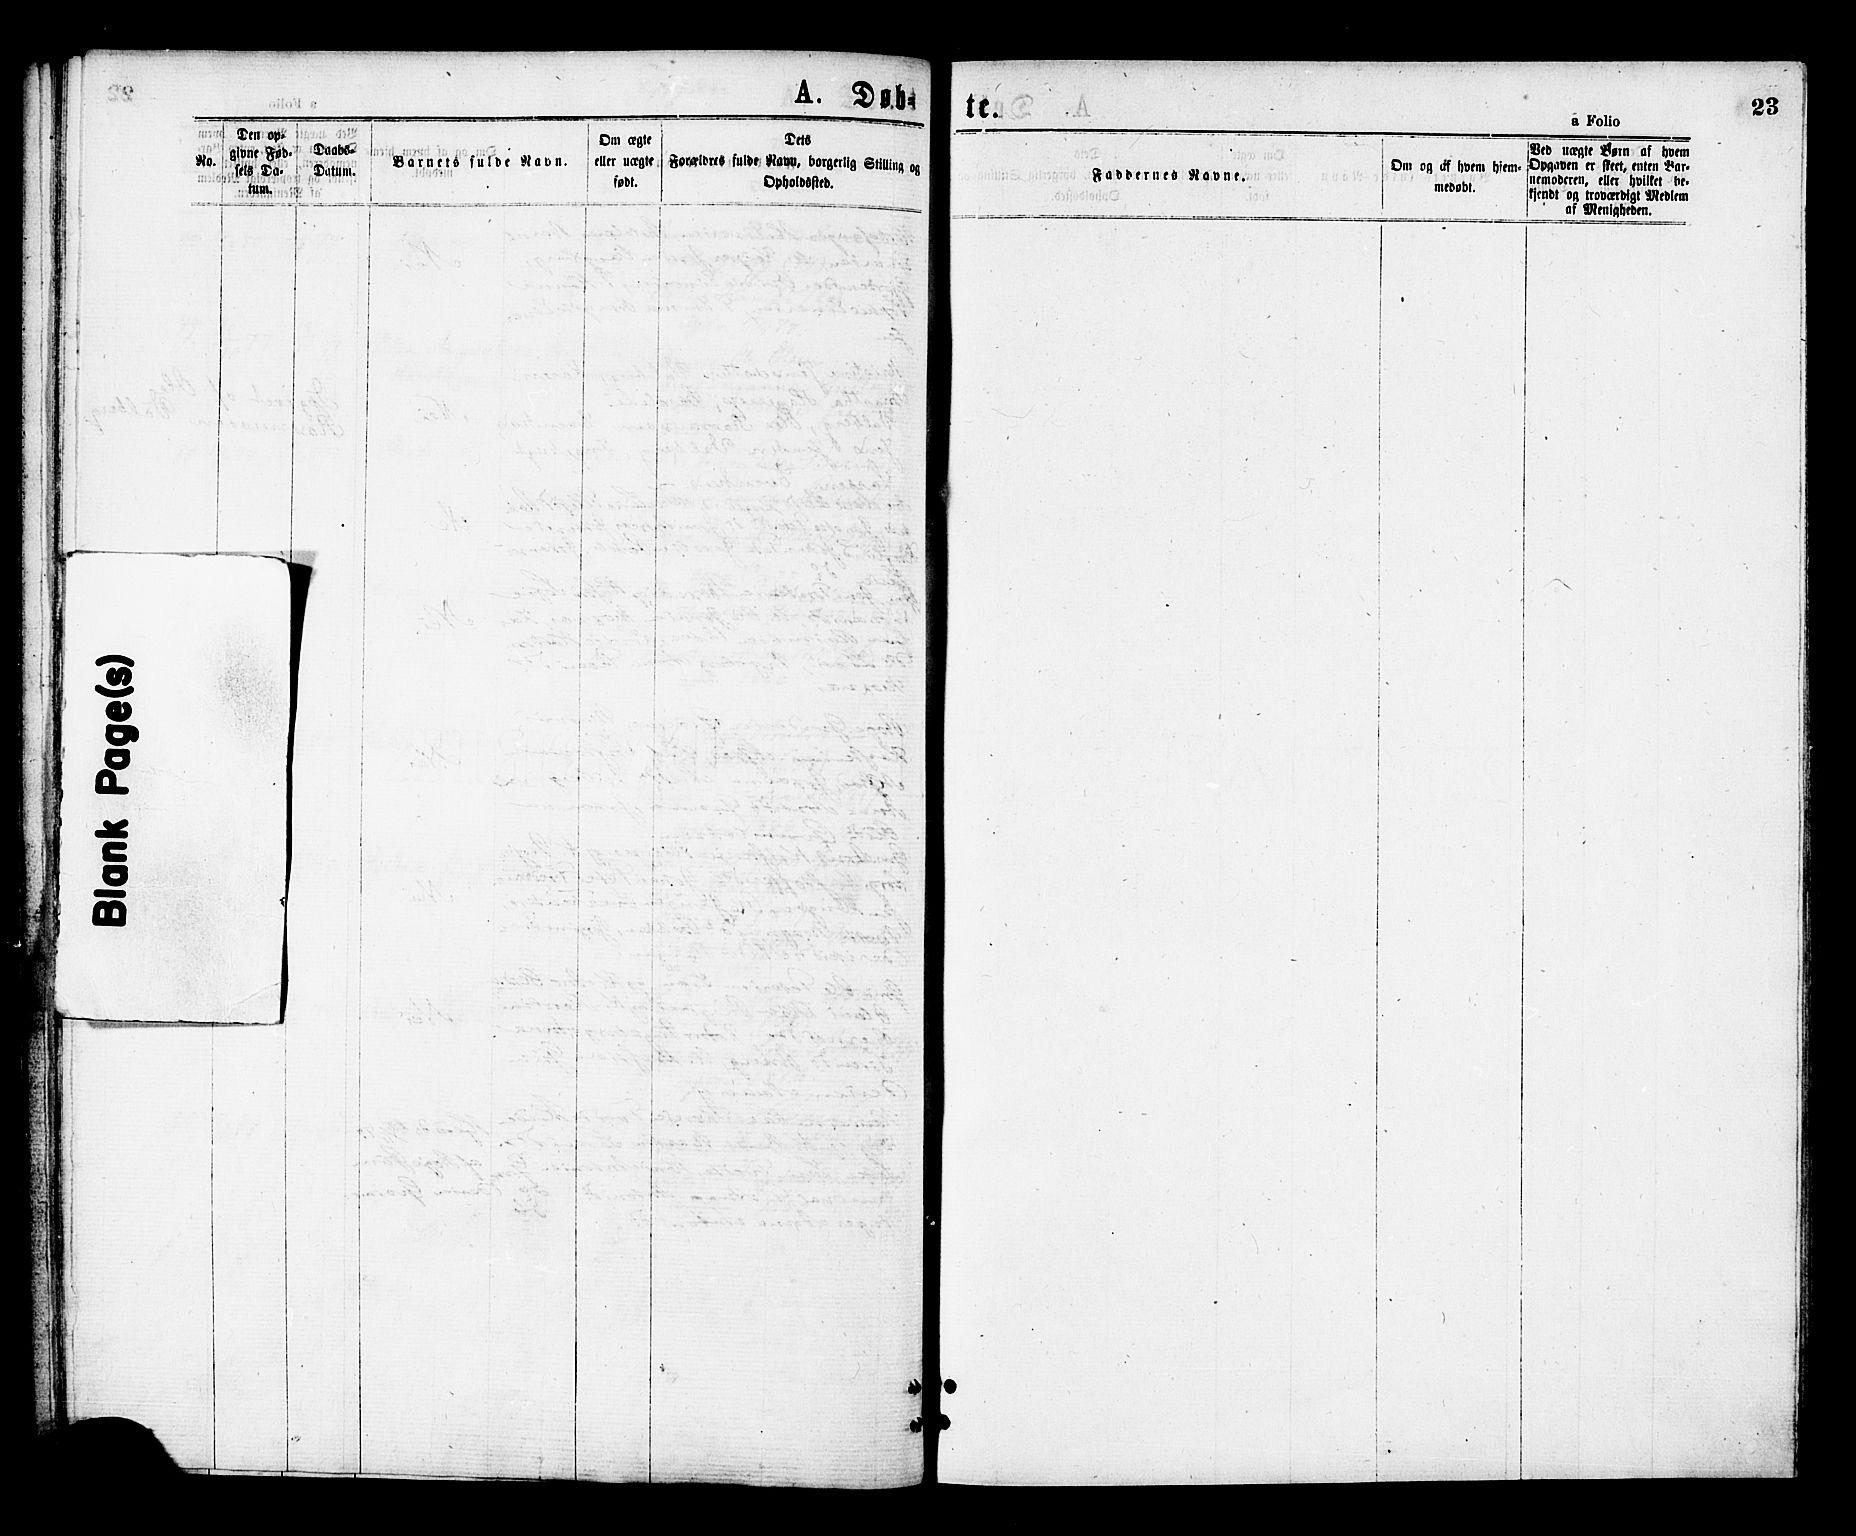 SAT, Ministerialprotokoller, klokkerbøker og fødselsregistre - Nord-Trøndelag, 713/L0118: Ministerialbok nr. 713A08 /1, 1875-1877, s. 23